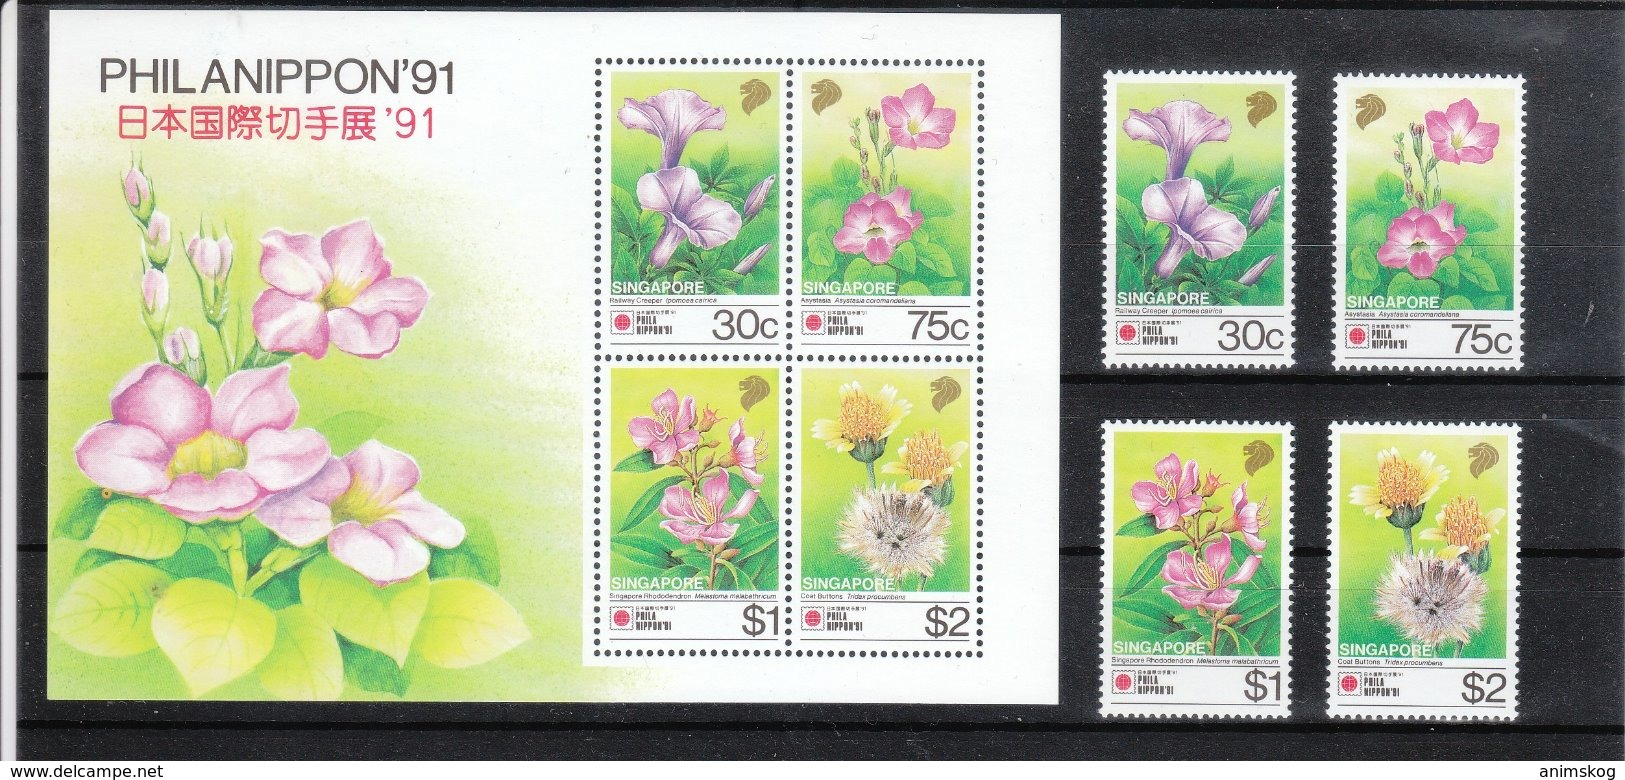 Singapur 1991**, PHILANIPPON '91, Sukkulente / Singapore 1991, MNH, PHILANIPPON '91, Succulent - Sukkulenten